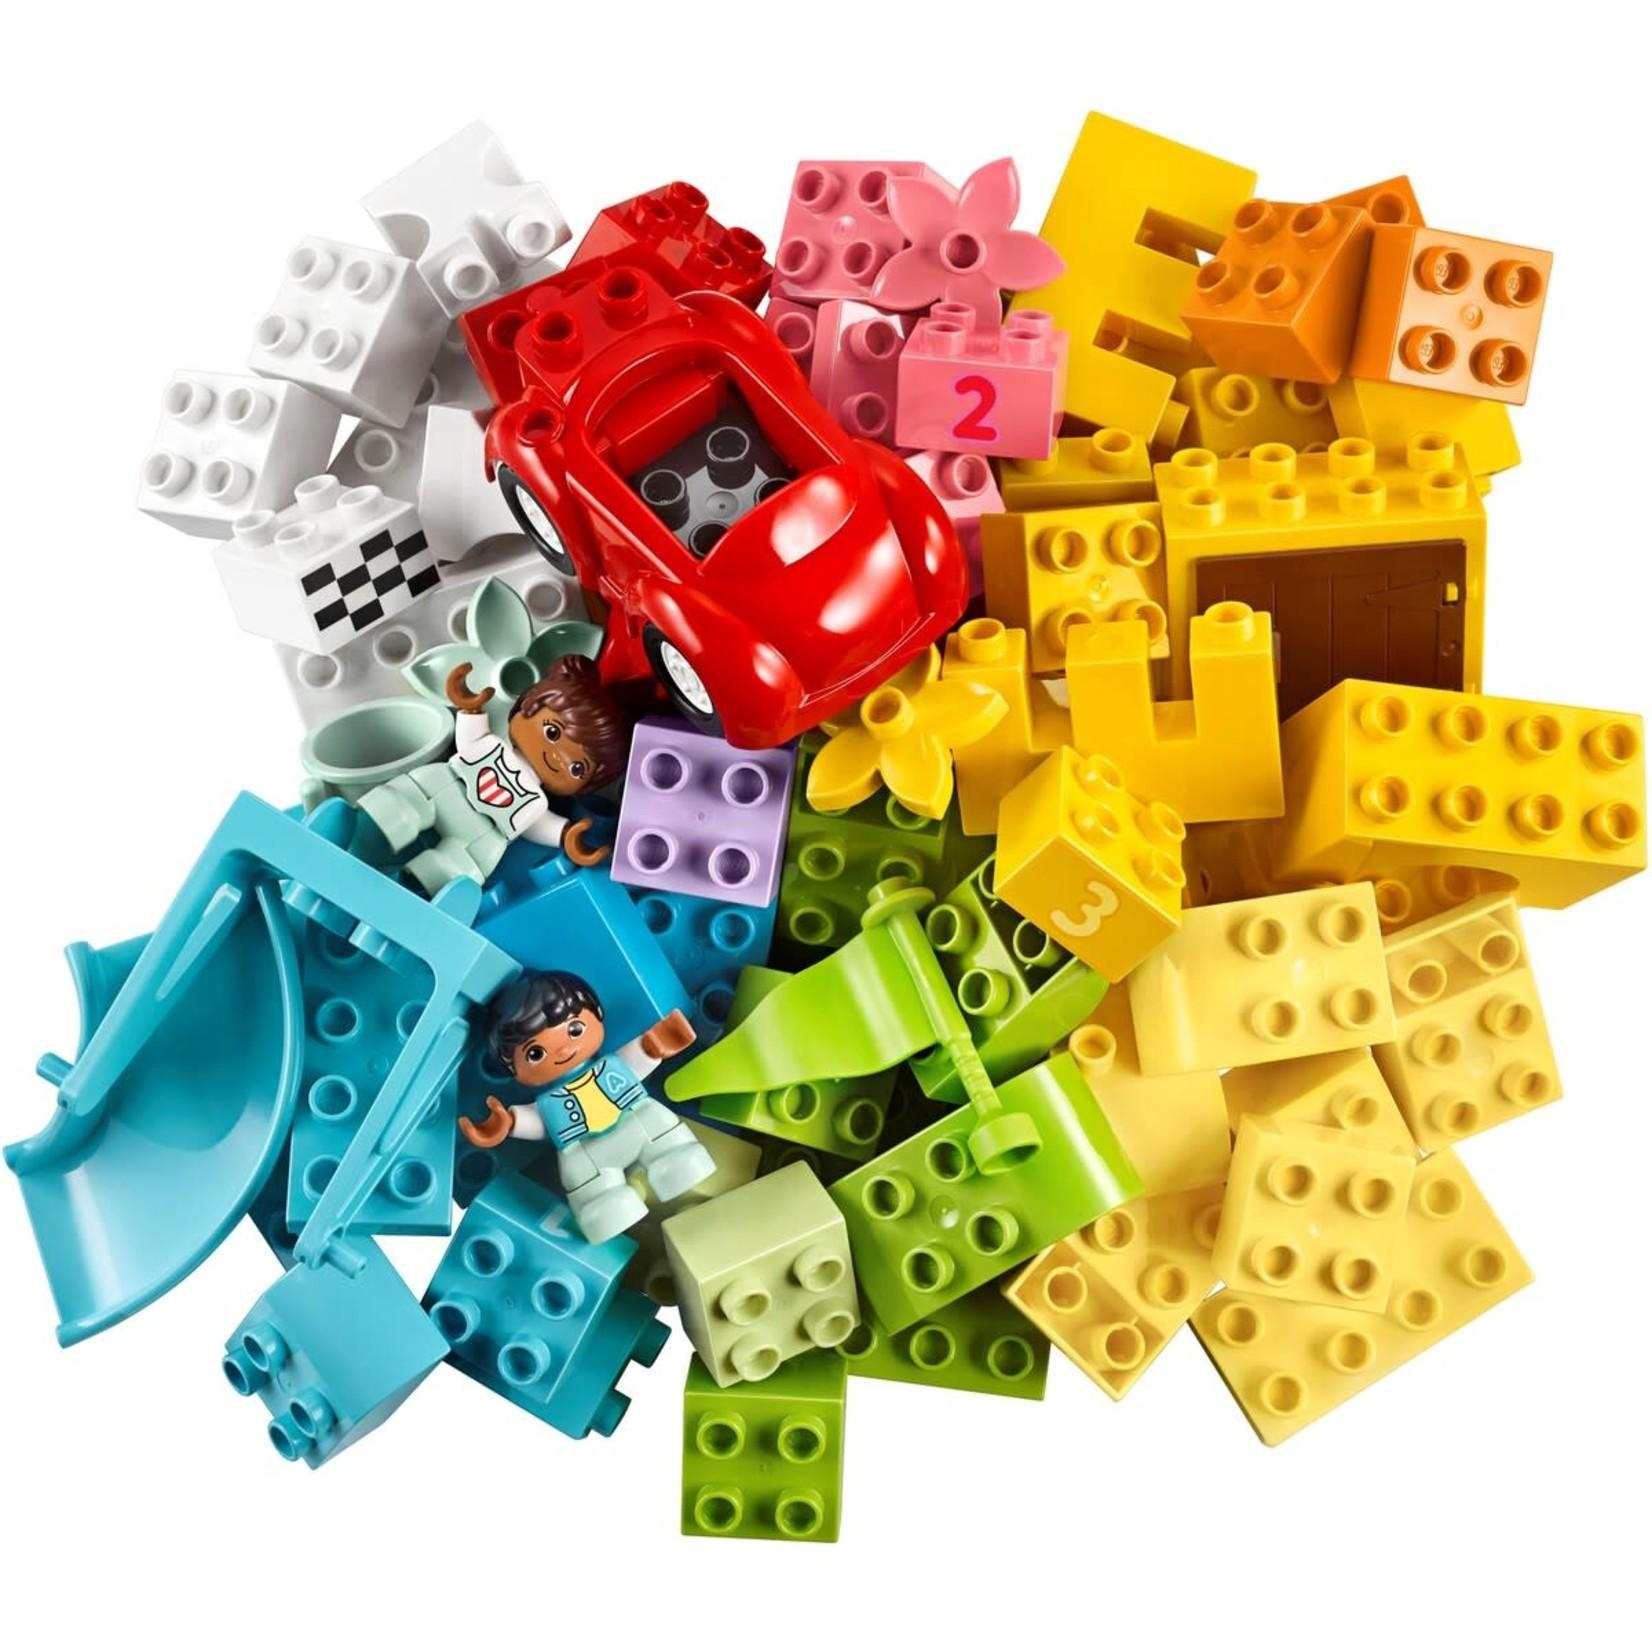 LEGO Lego Duplo Brick Box 65p (10913)